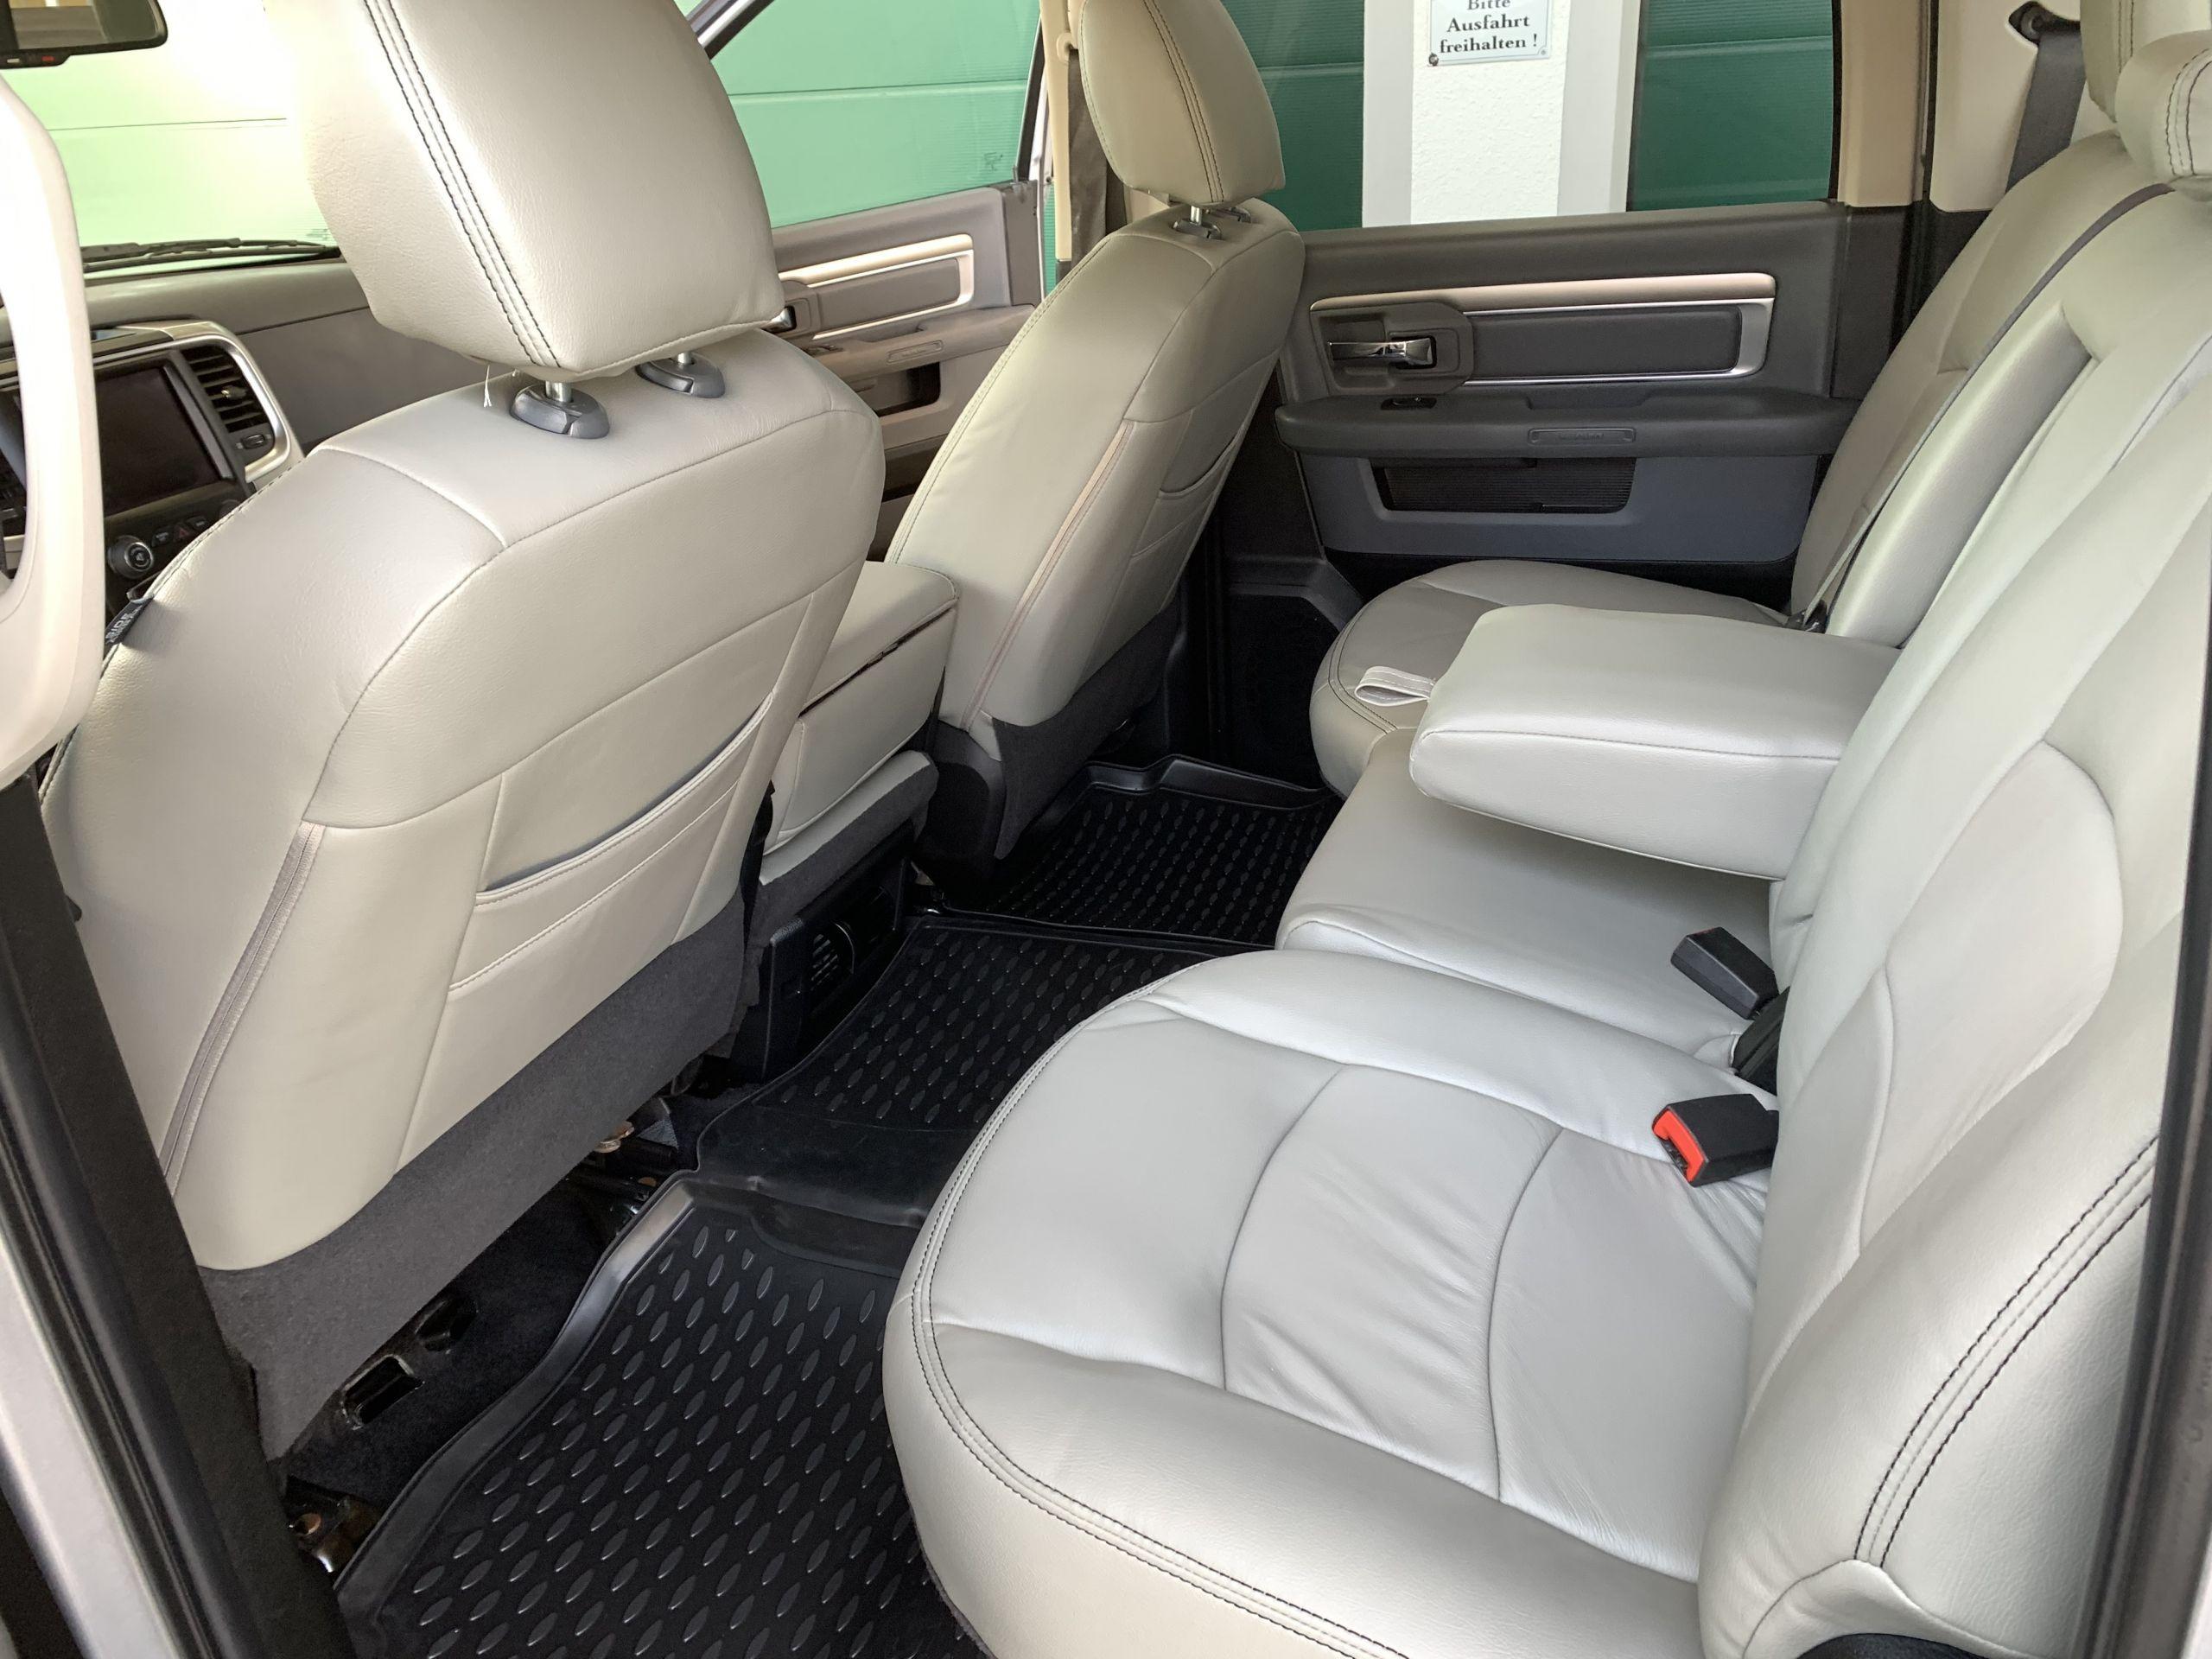 2016 Dodge Ram 1500 SLT BIG HORN zu Verkaufen